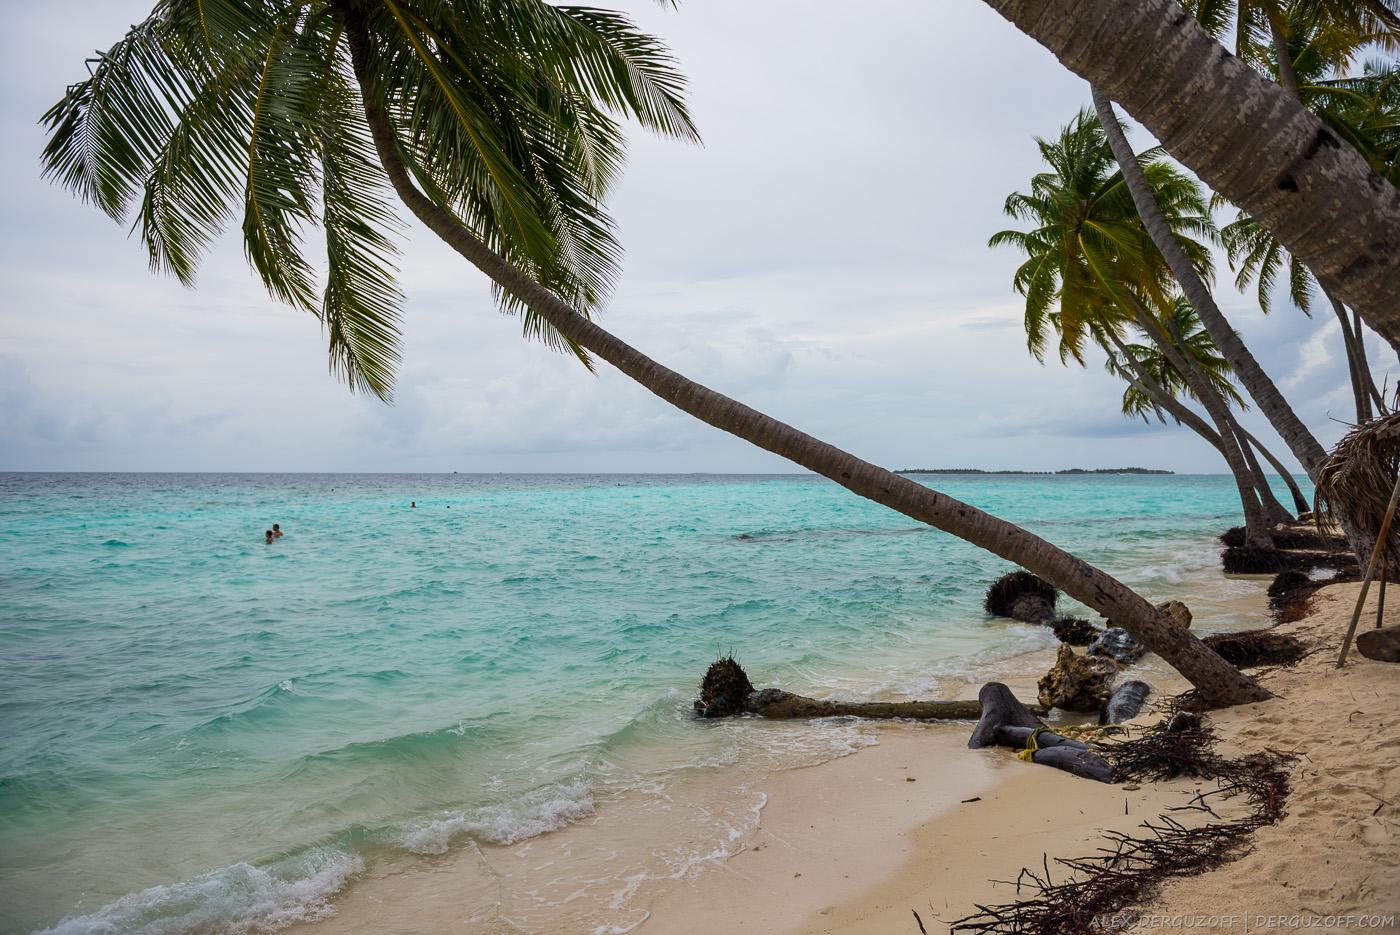 Пляж с пальмой Мальдивы